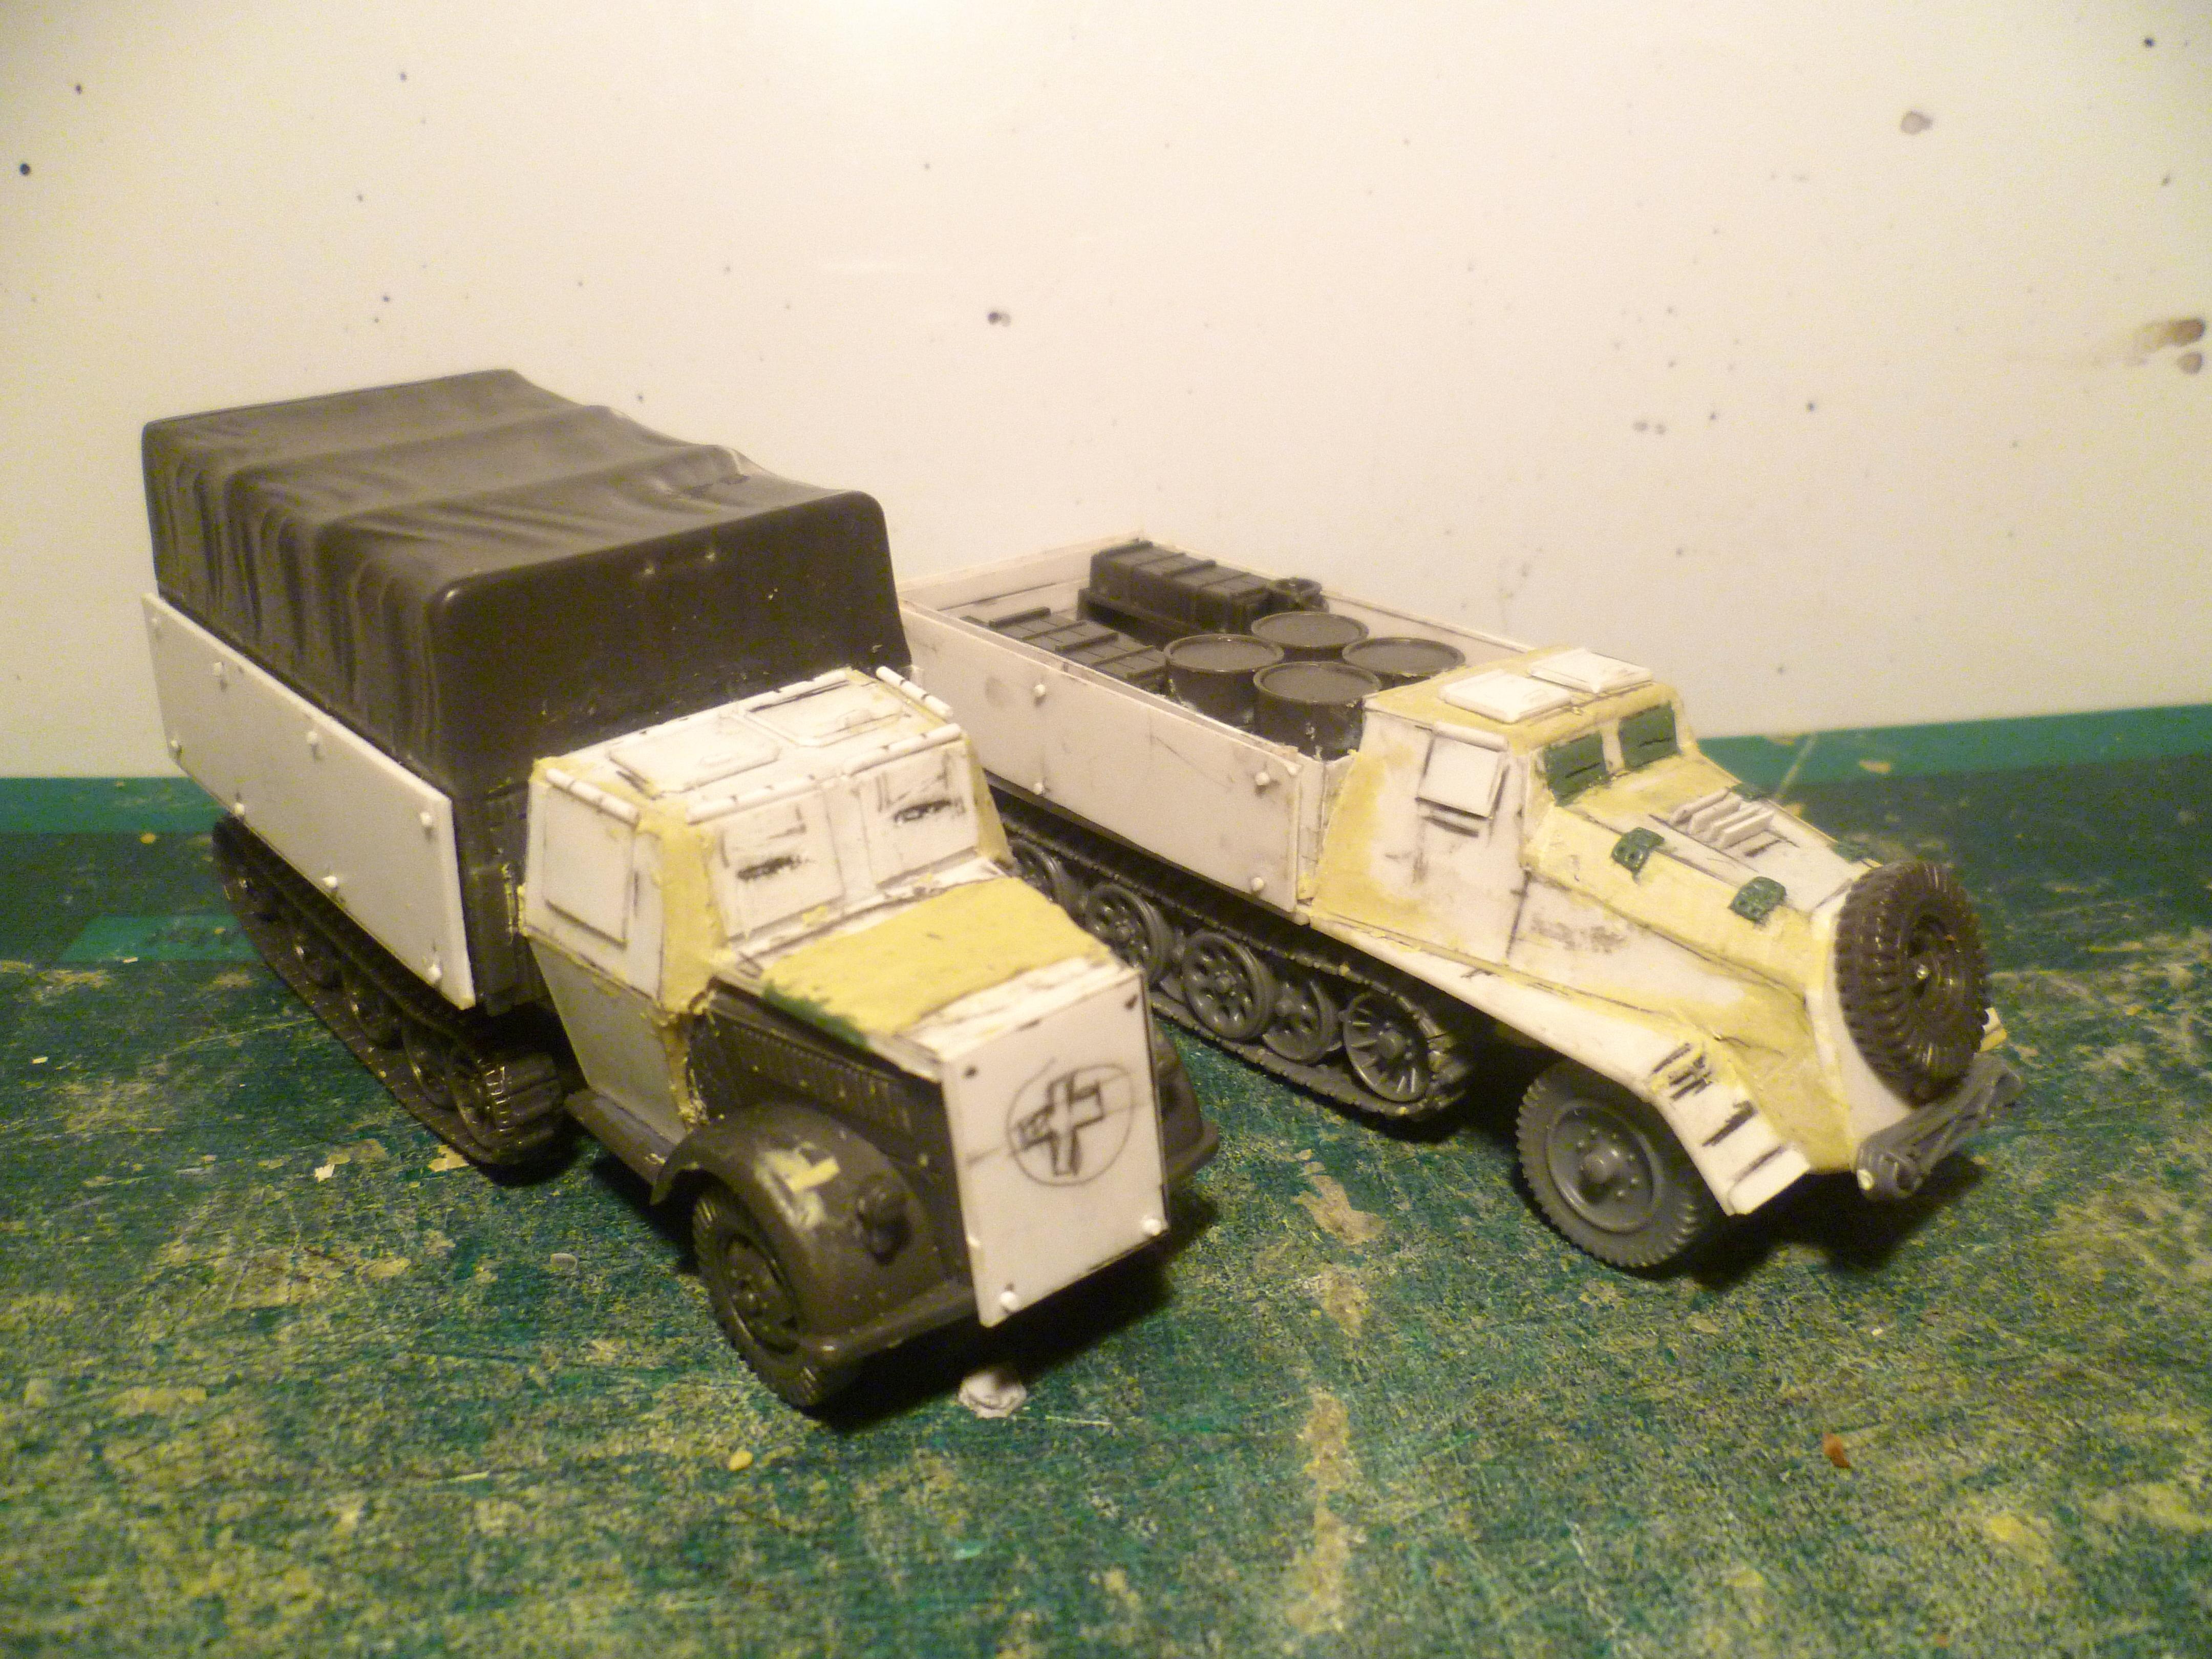 Cargo, Civilian, Conversion, Truck, World War 2